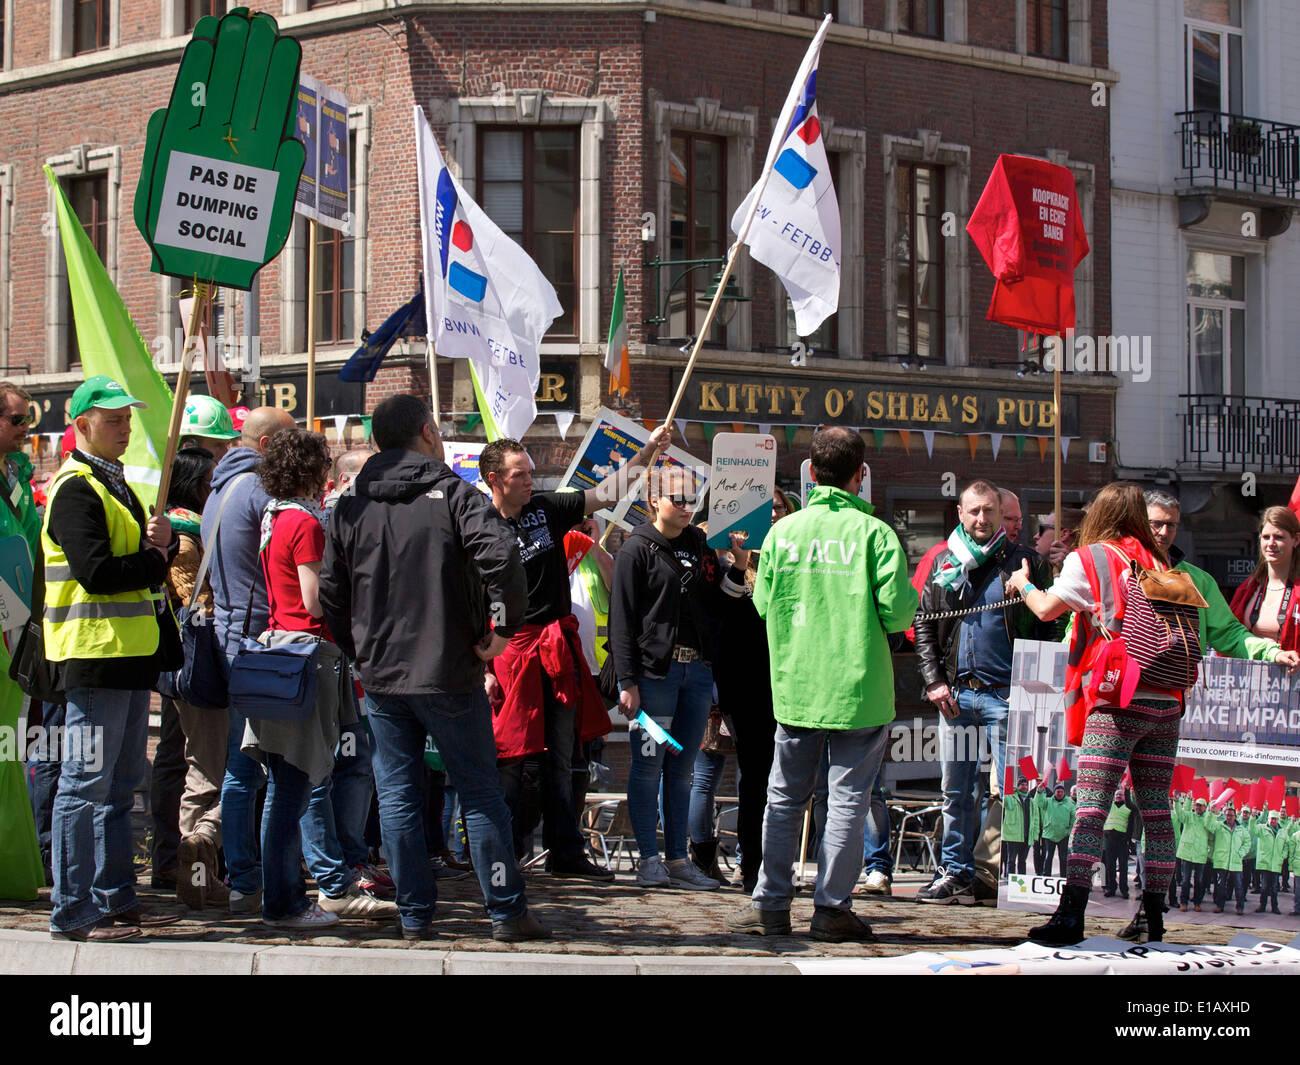 Grupo de gente protestando en las calles por la Comisión Europea en Bruselas, Bélgica Imagen De Stock